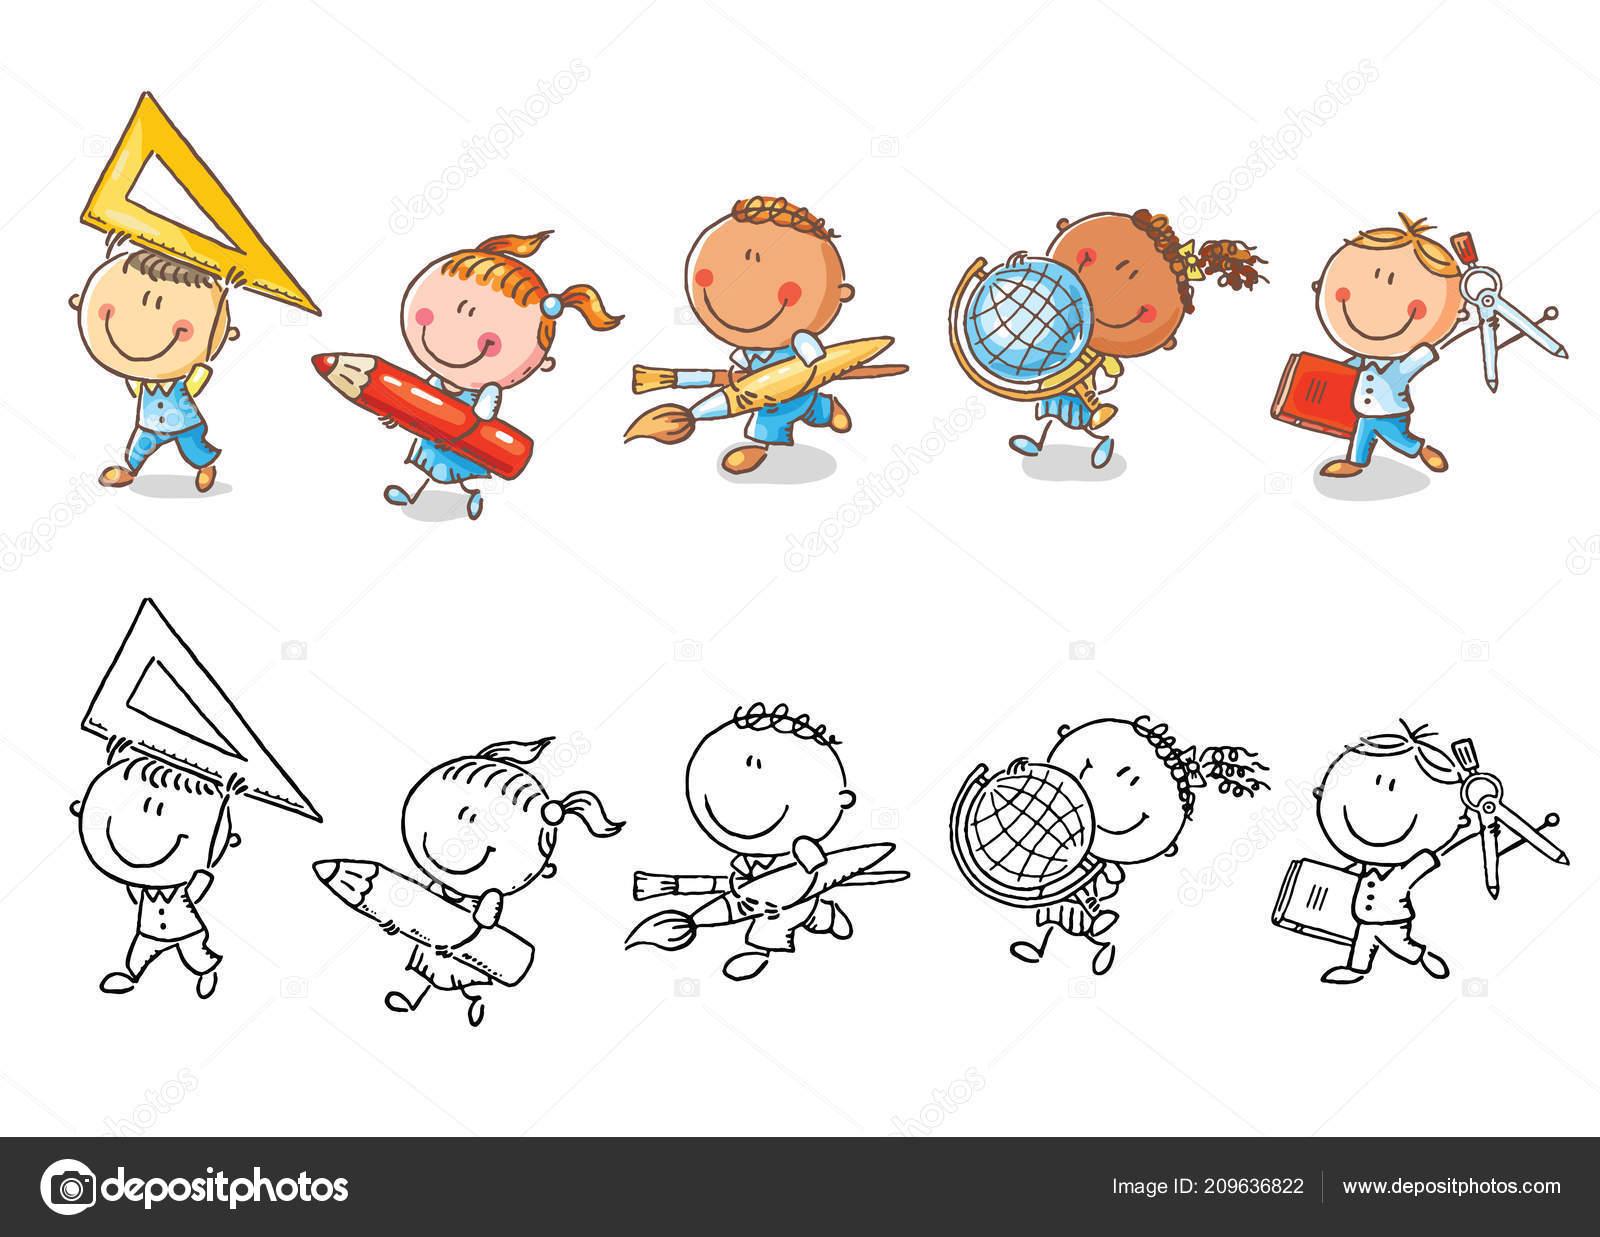 Sada Kreslene Skolni Deti Drzi Ruzne Skoly Objekty Stock Vektor